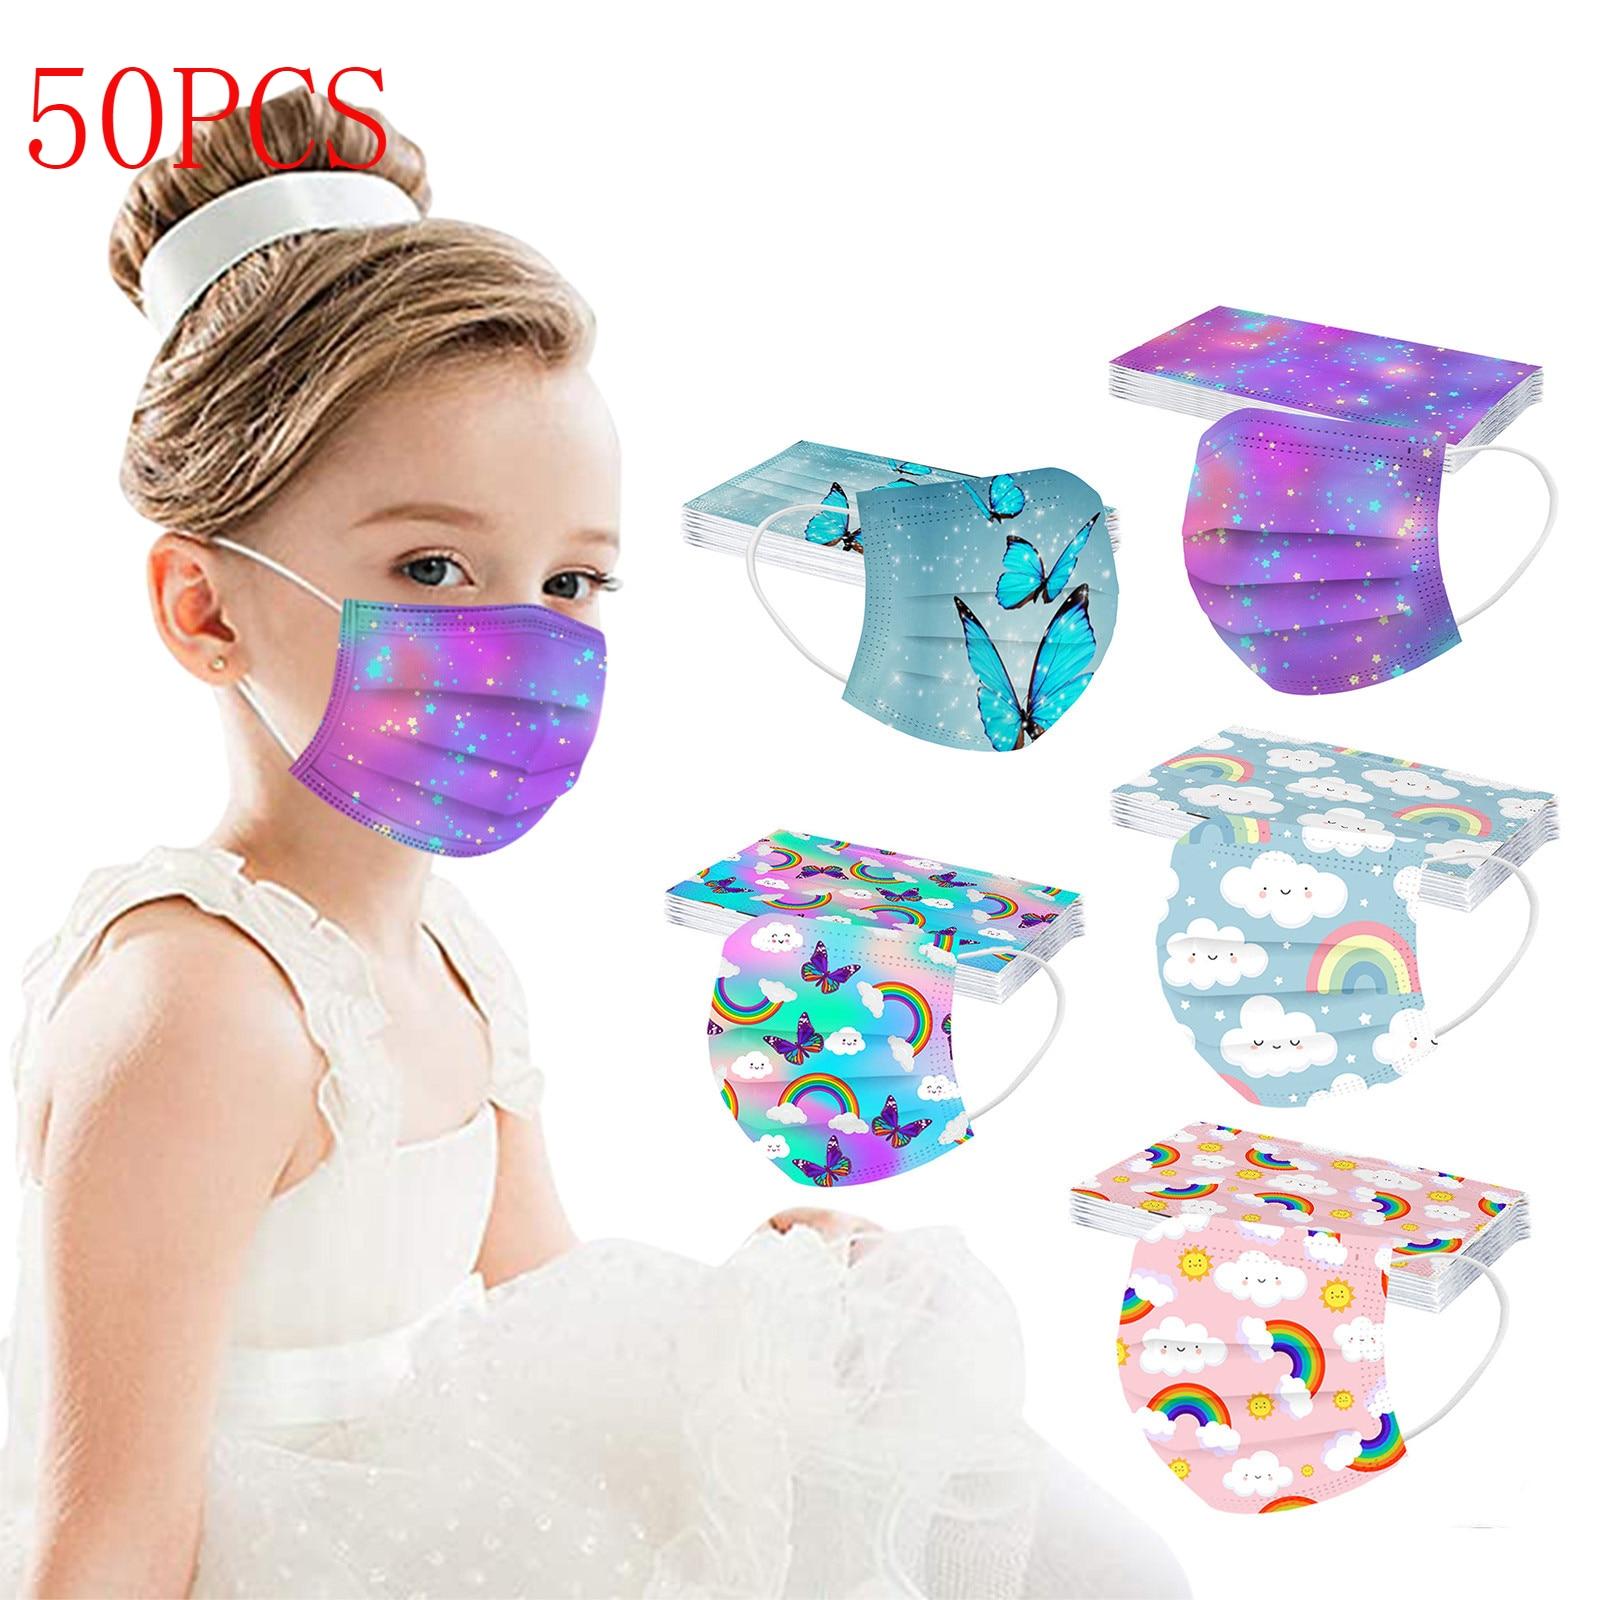 50 Uds mariposa impresa desechable máscara para niños arco iris no tejida...